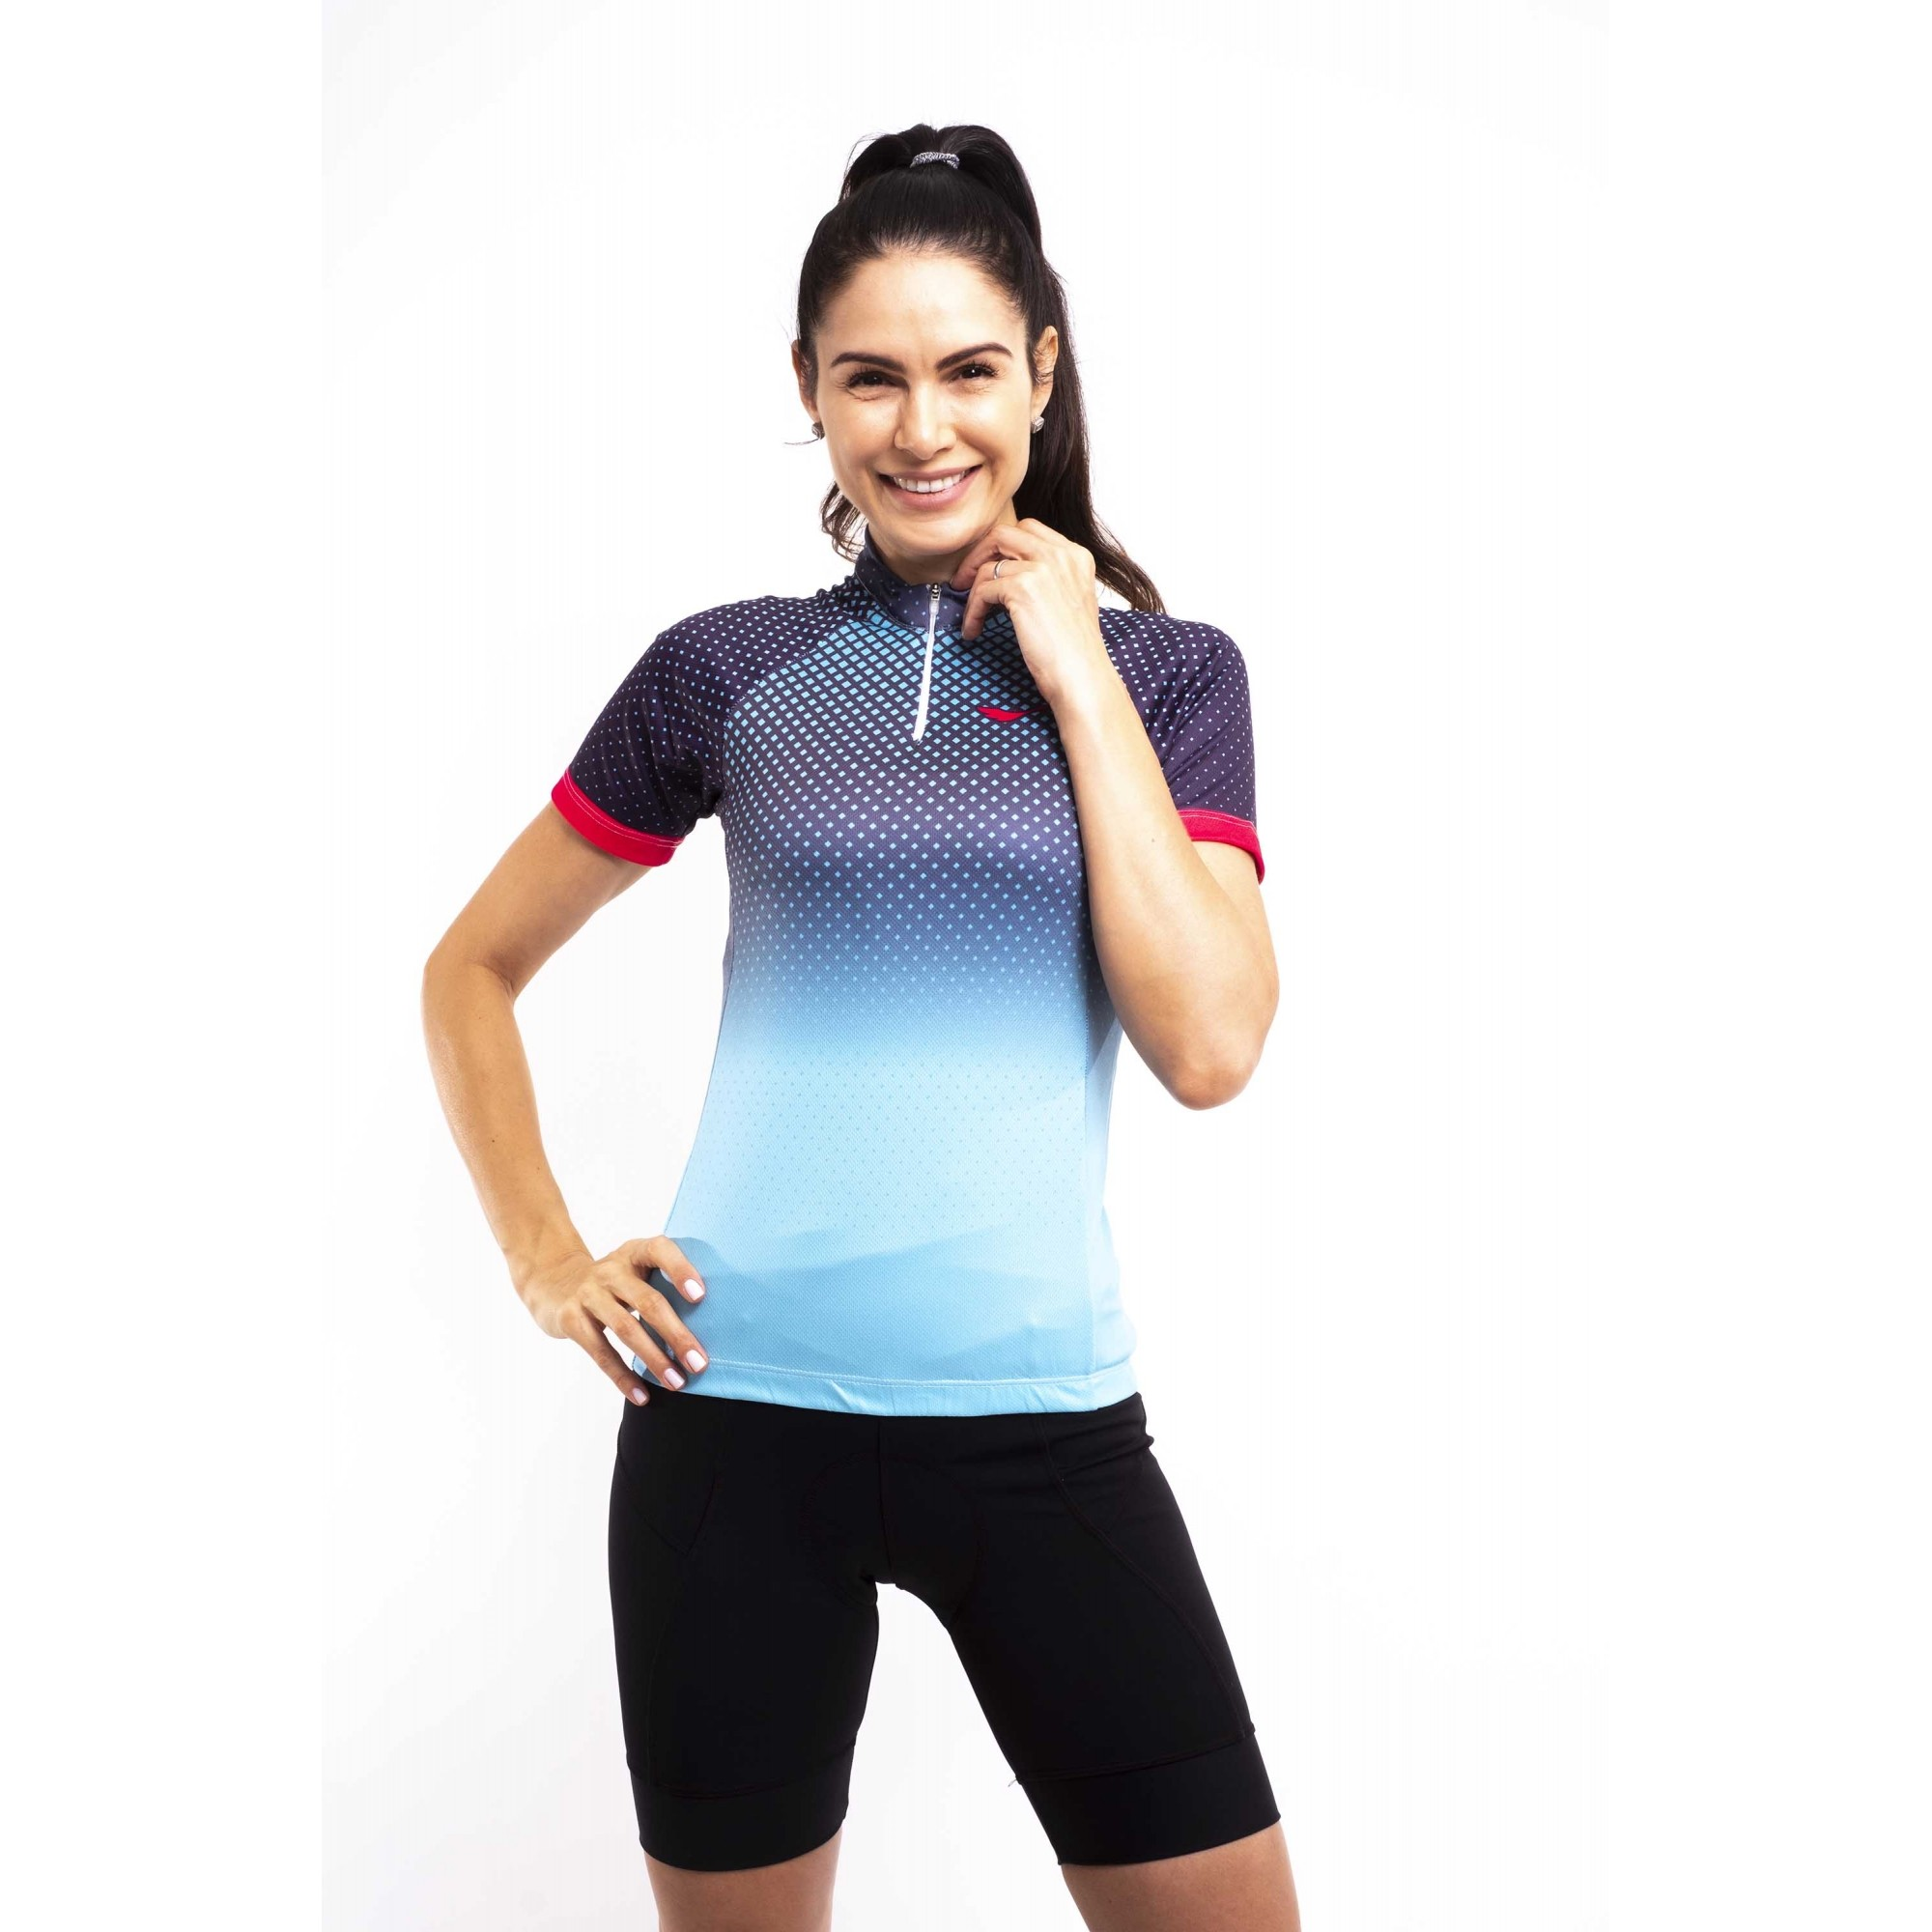 Camiseta Feminina Ciclismo Celestial c/ Proteção UV - Scape